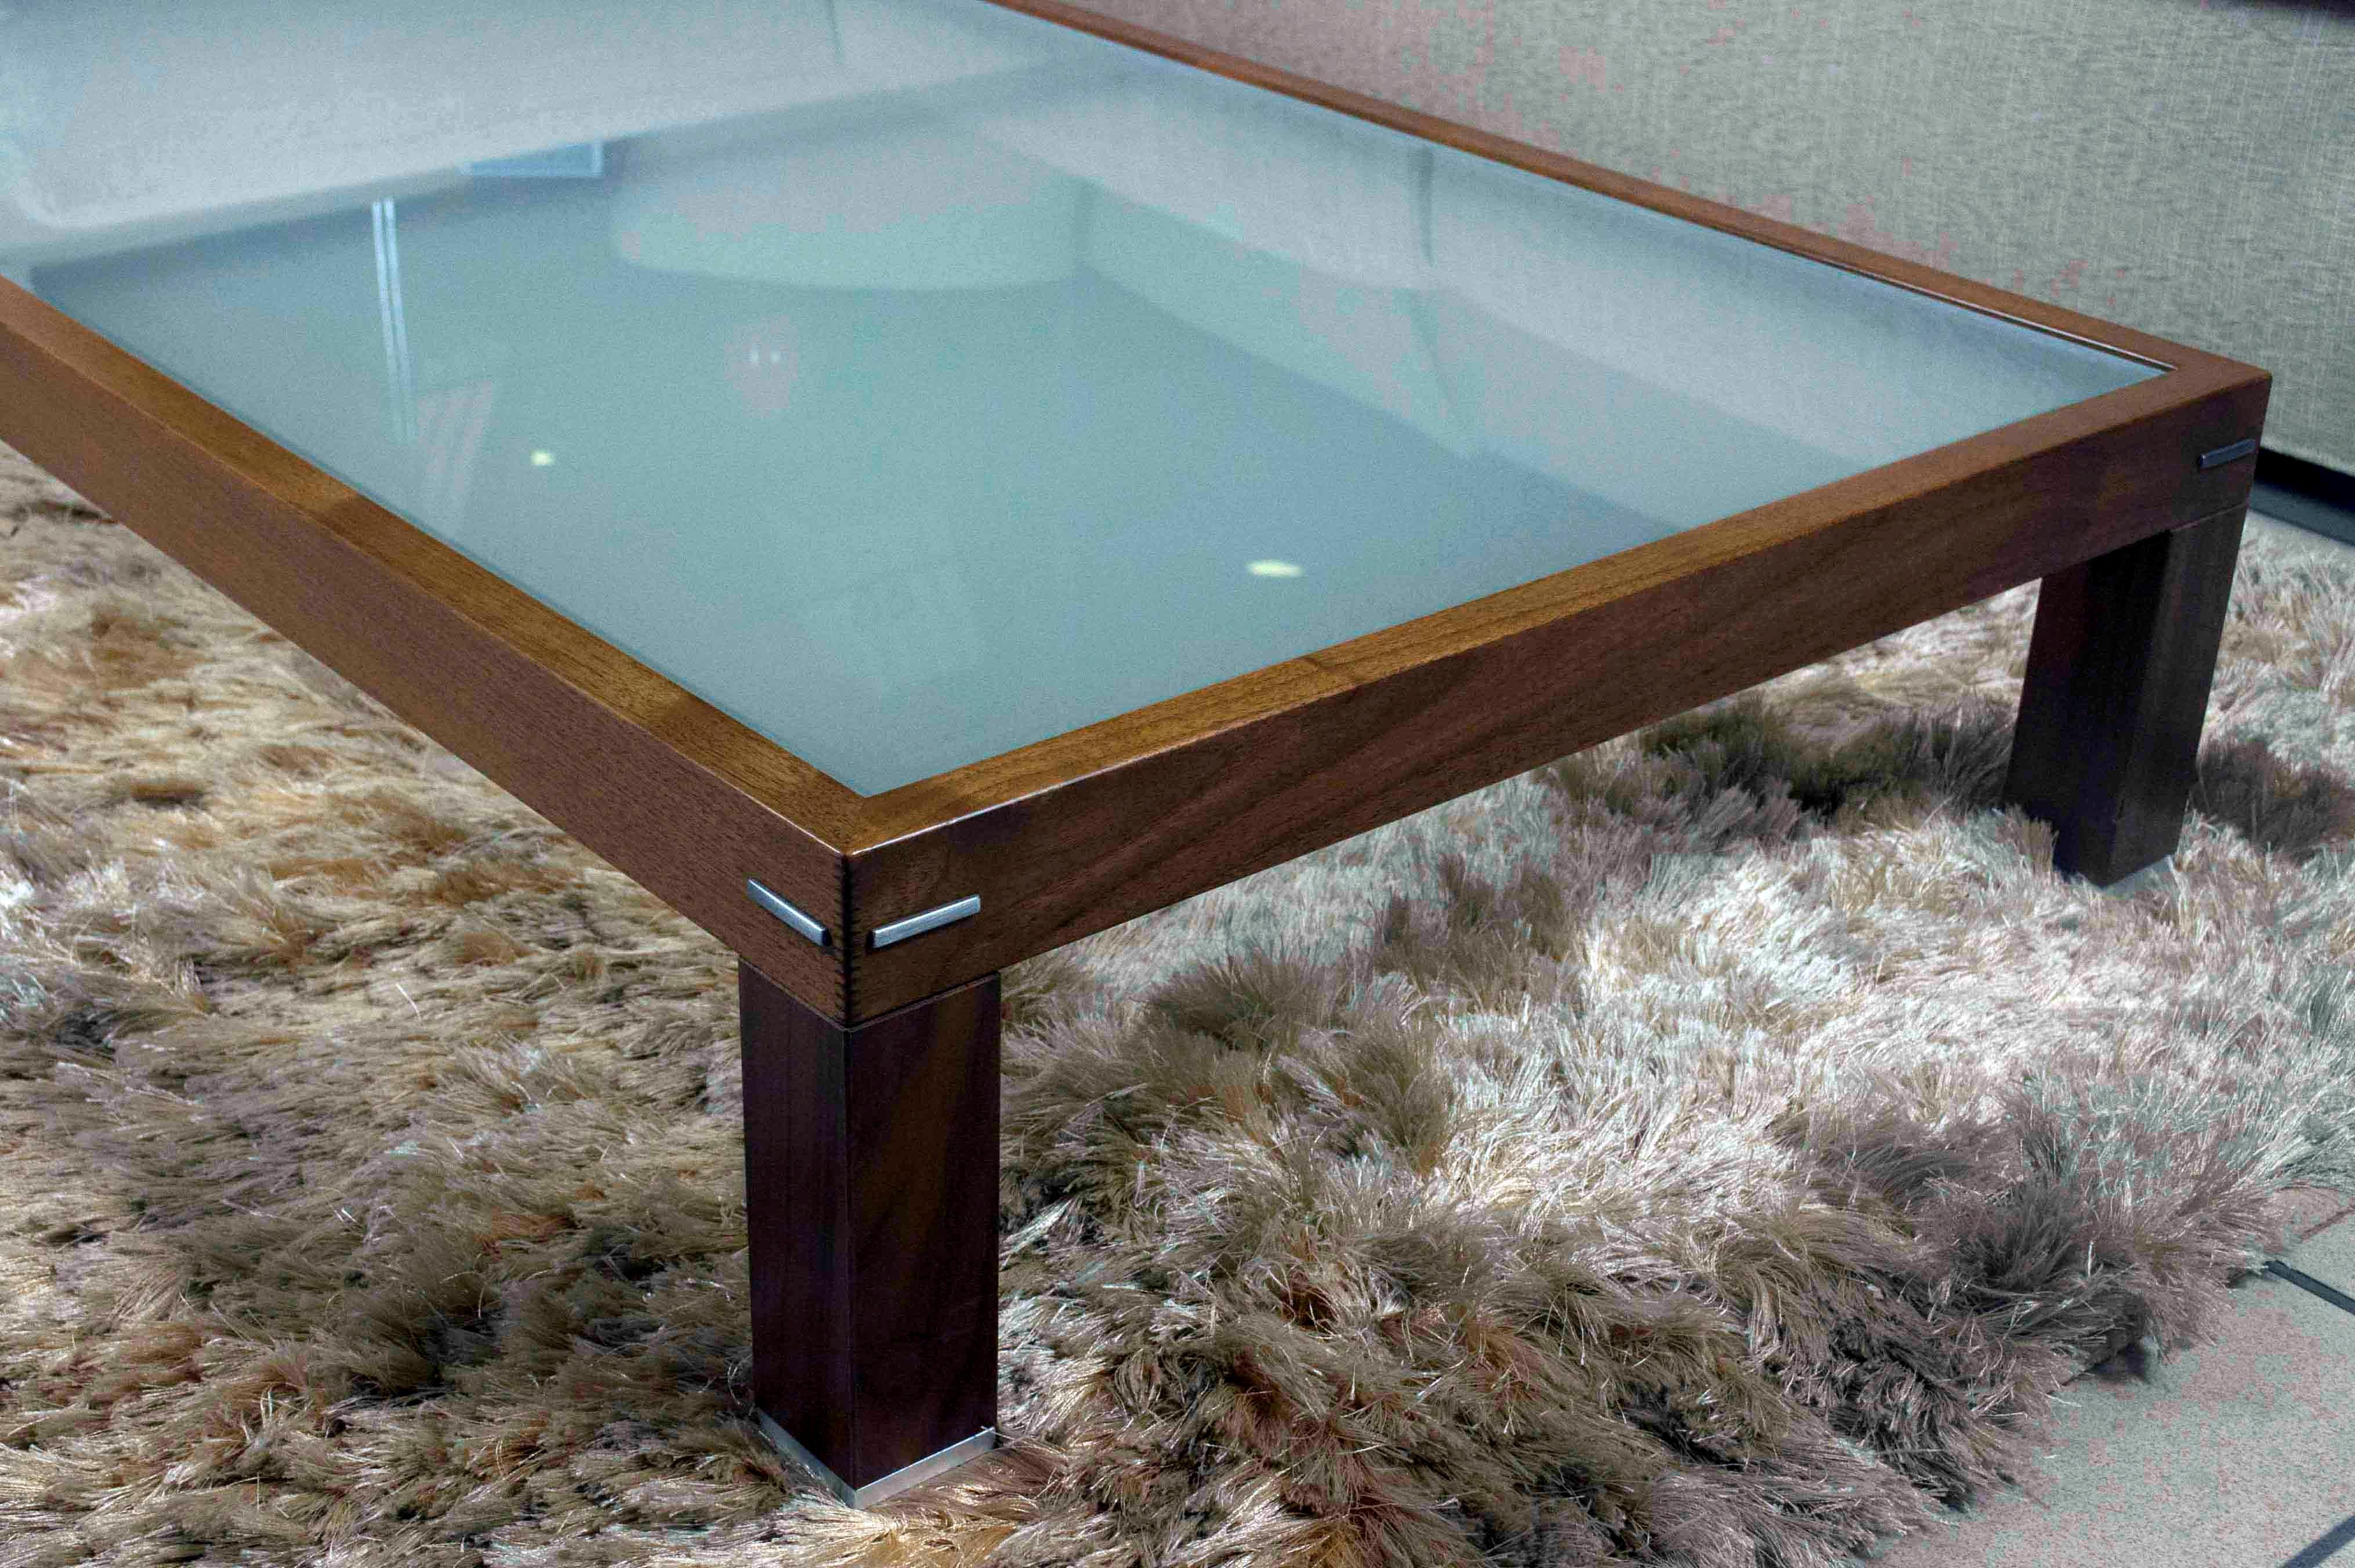 Tavolini Salotto Vetro: Tavolinetti in vetro, tavolini vetro da salotto. Tavo...